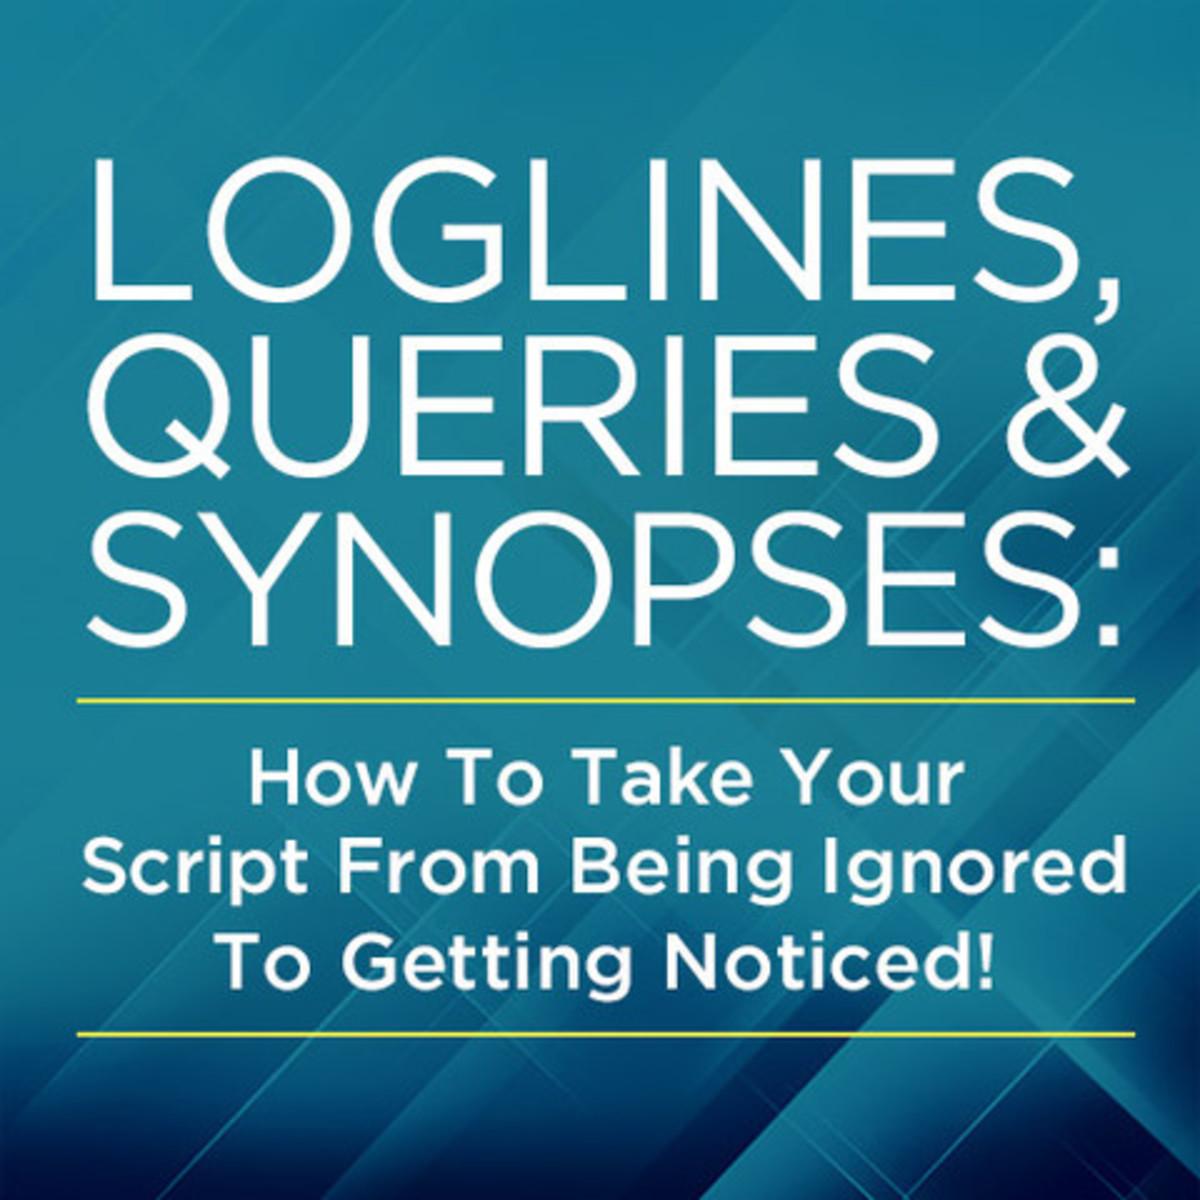 ws_loglines queriessynopses-500_medium